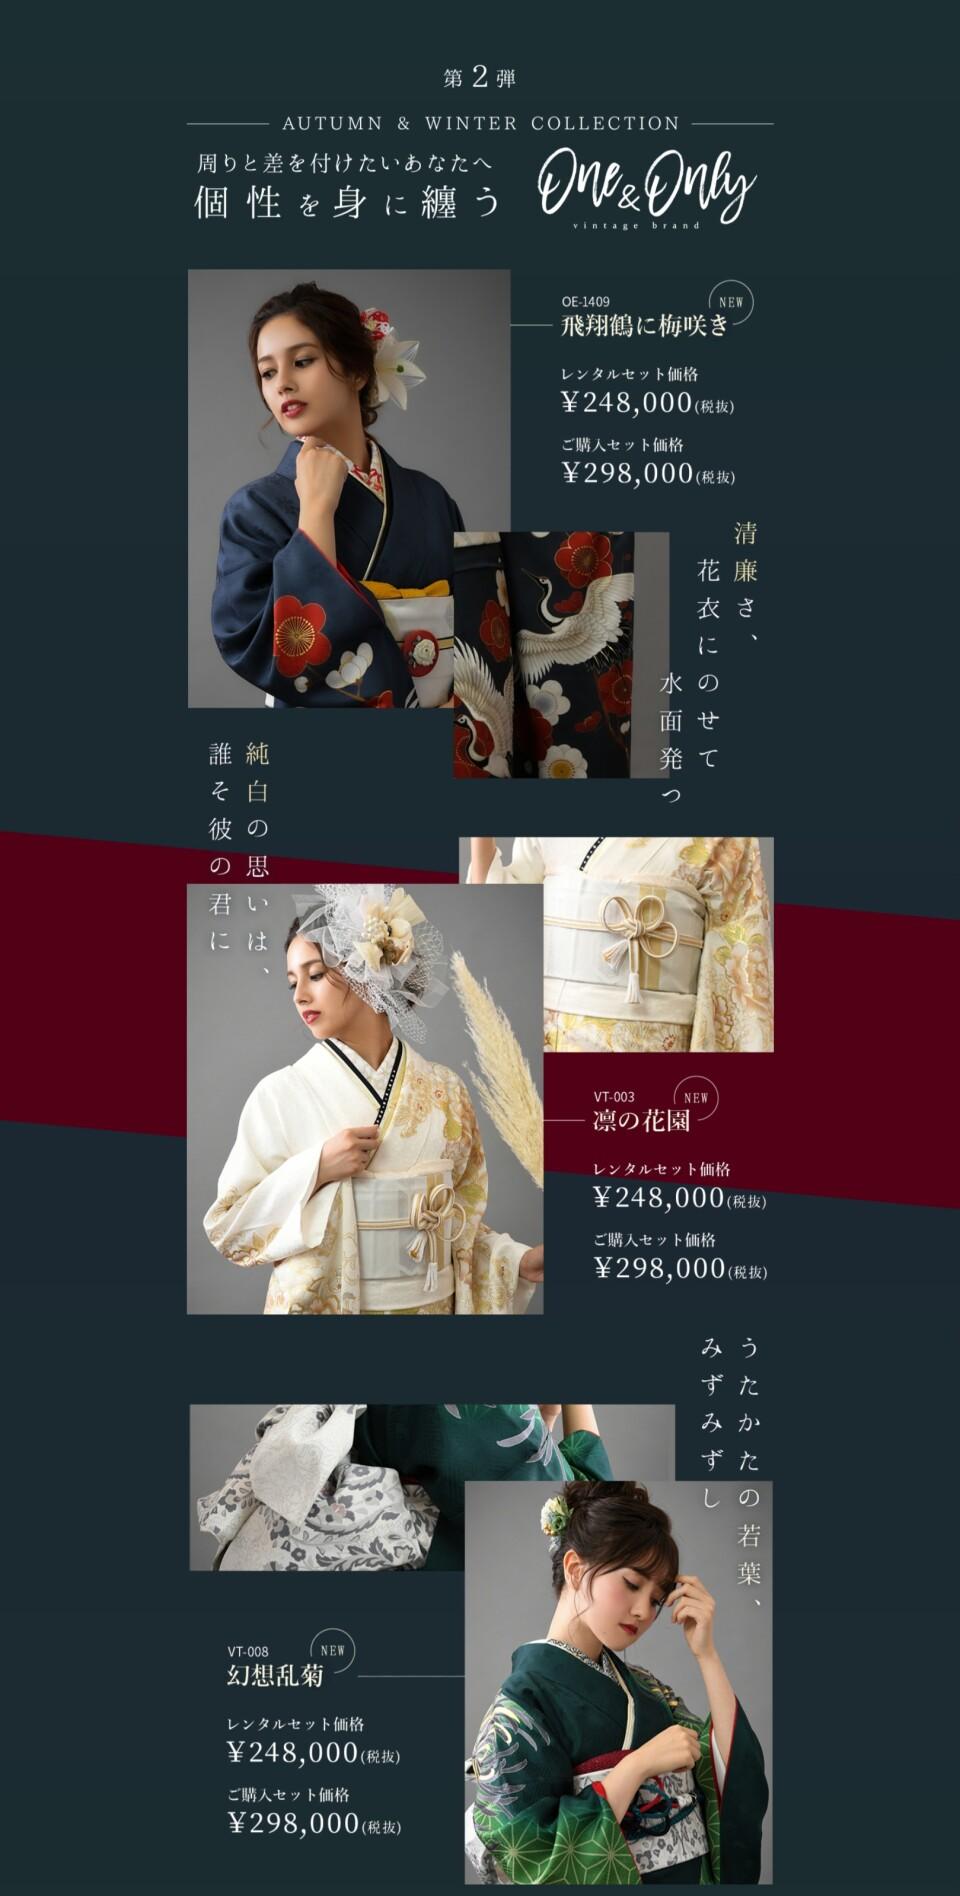 FireShot Capture 1488 - オンリーワンになれる! 振袖フェア開催|成人式の振袖レンタル・販売オンディーヌ - www.ondine.jp